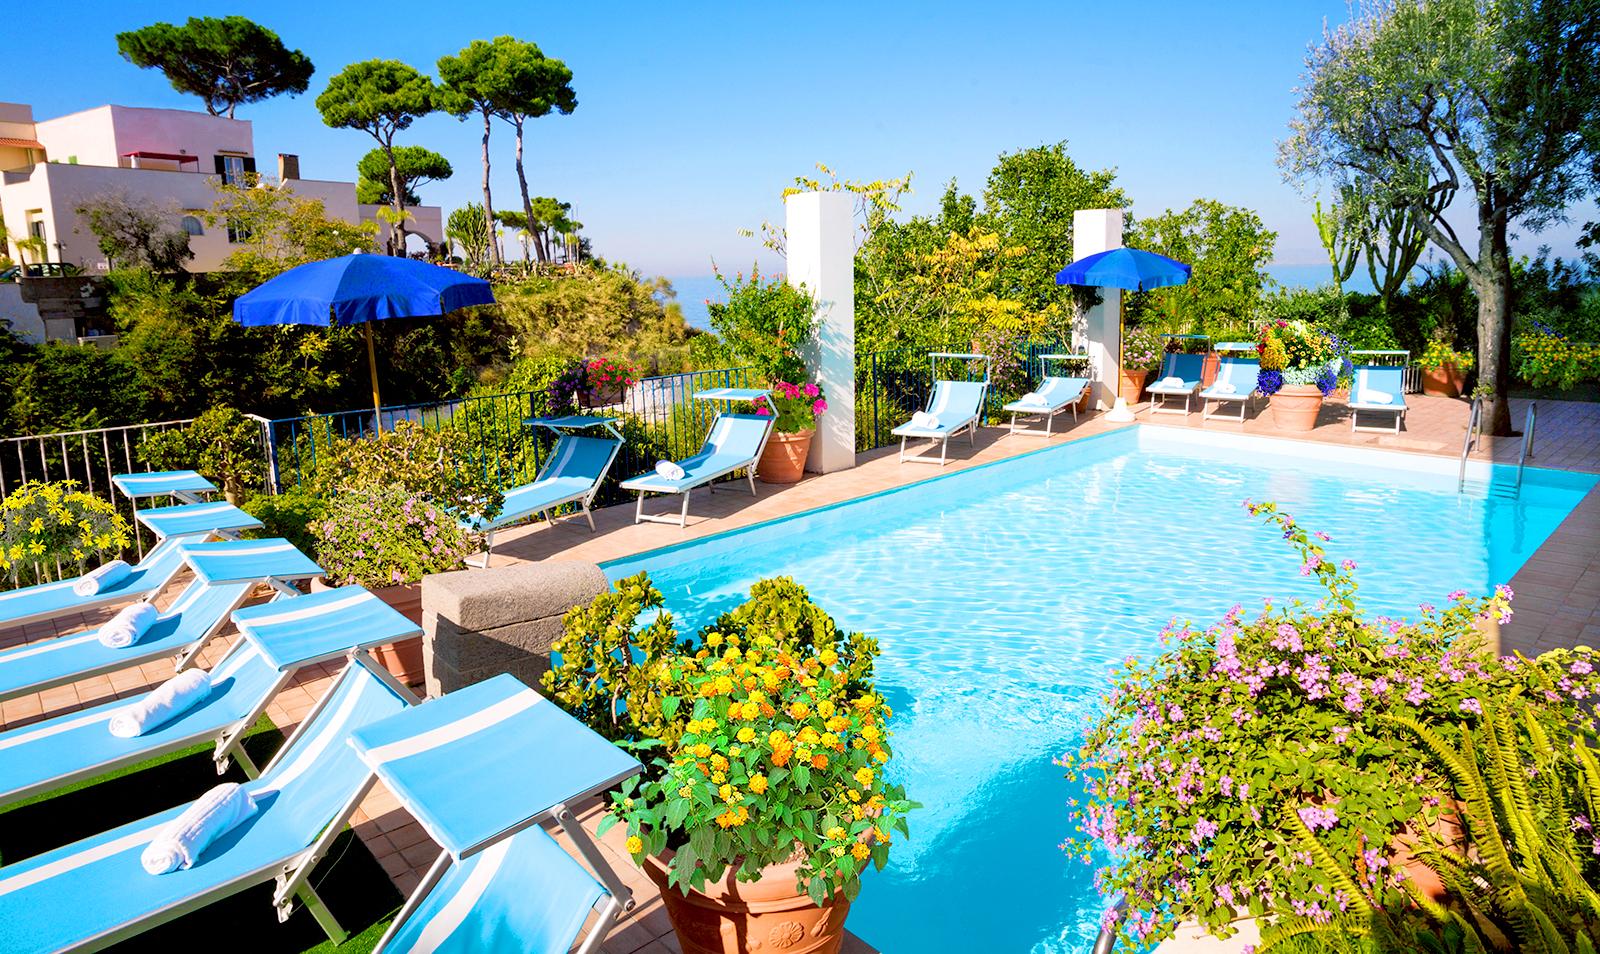 hotel-terme-gran-paradiso-ischia-casamicciola-piscina-esterna